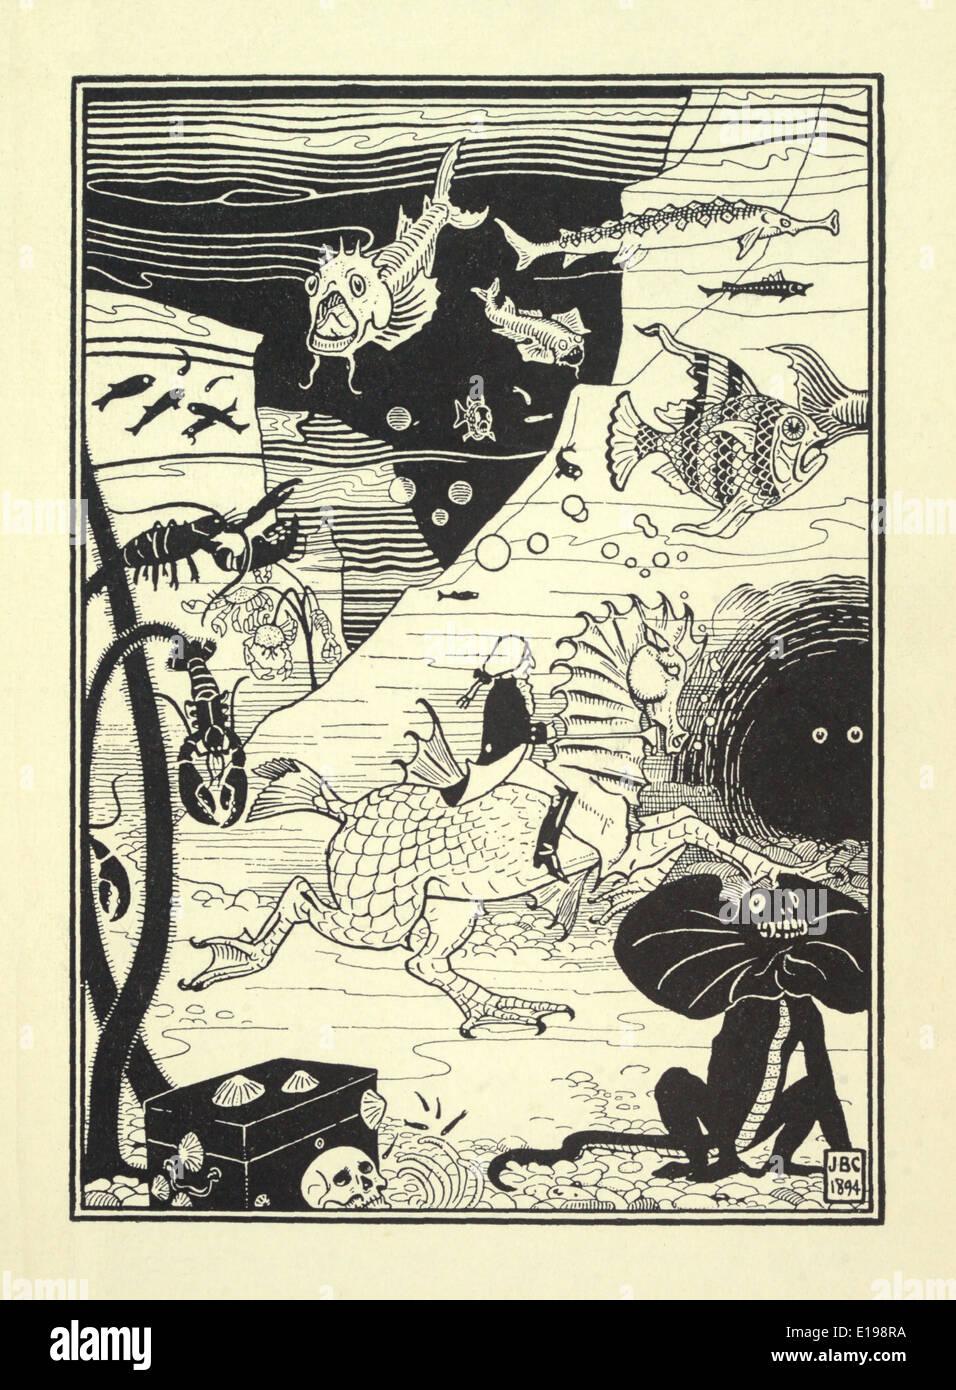 """J. B. Clark Illustration aus """"The überraschende Abenteuer des Baron Münchhausen"""" von Rudoph Raspe veröffentlicht 1895. Fisch Stockfoto"""